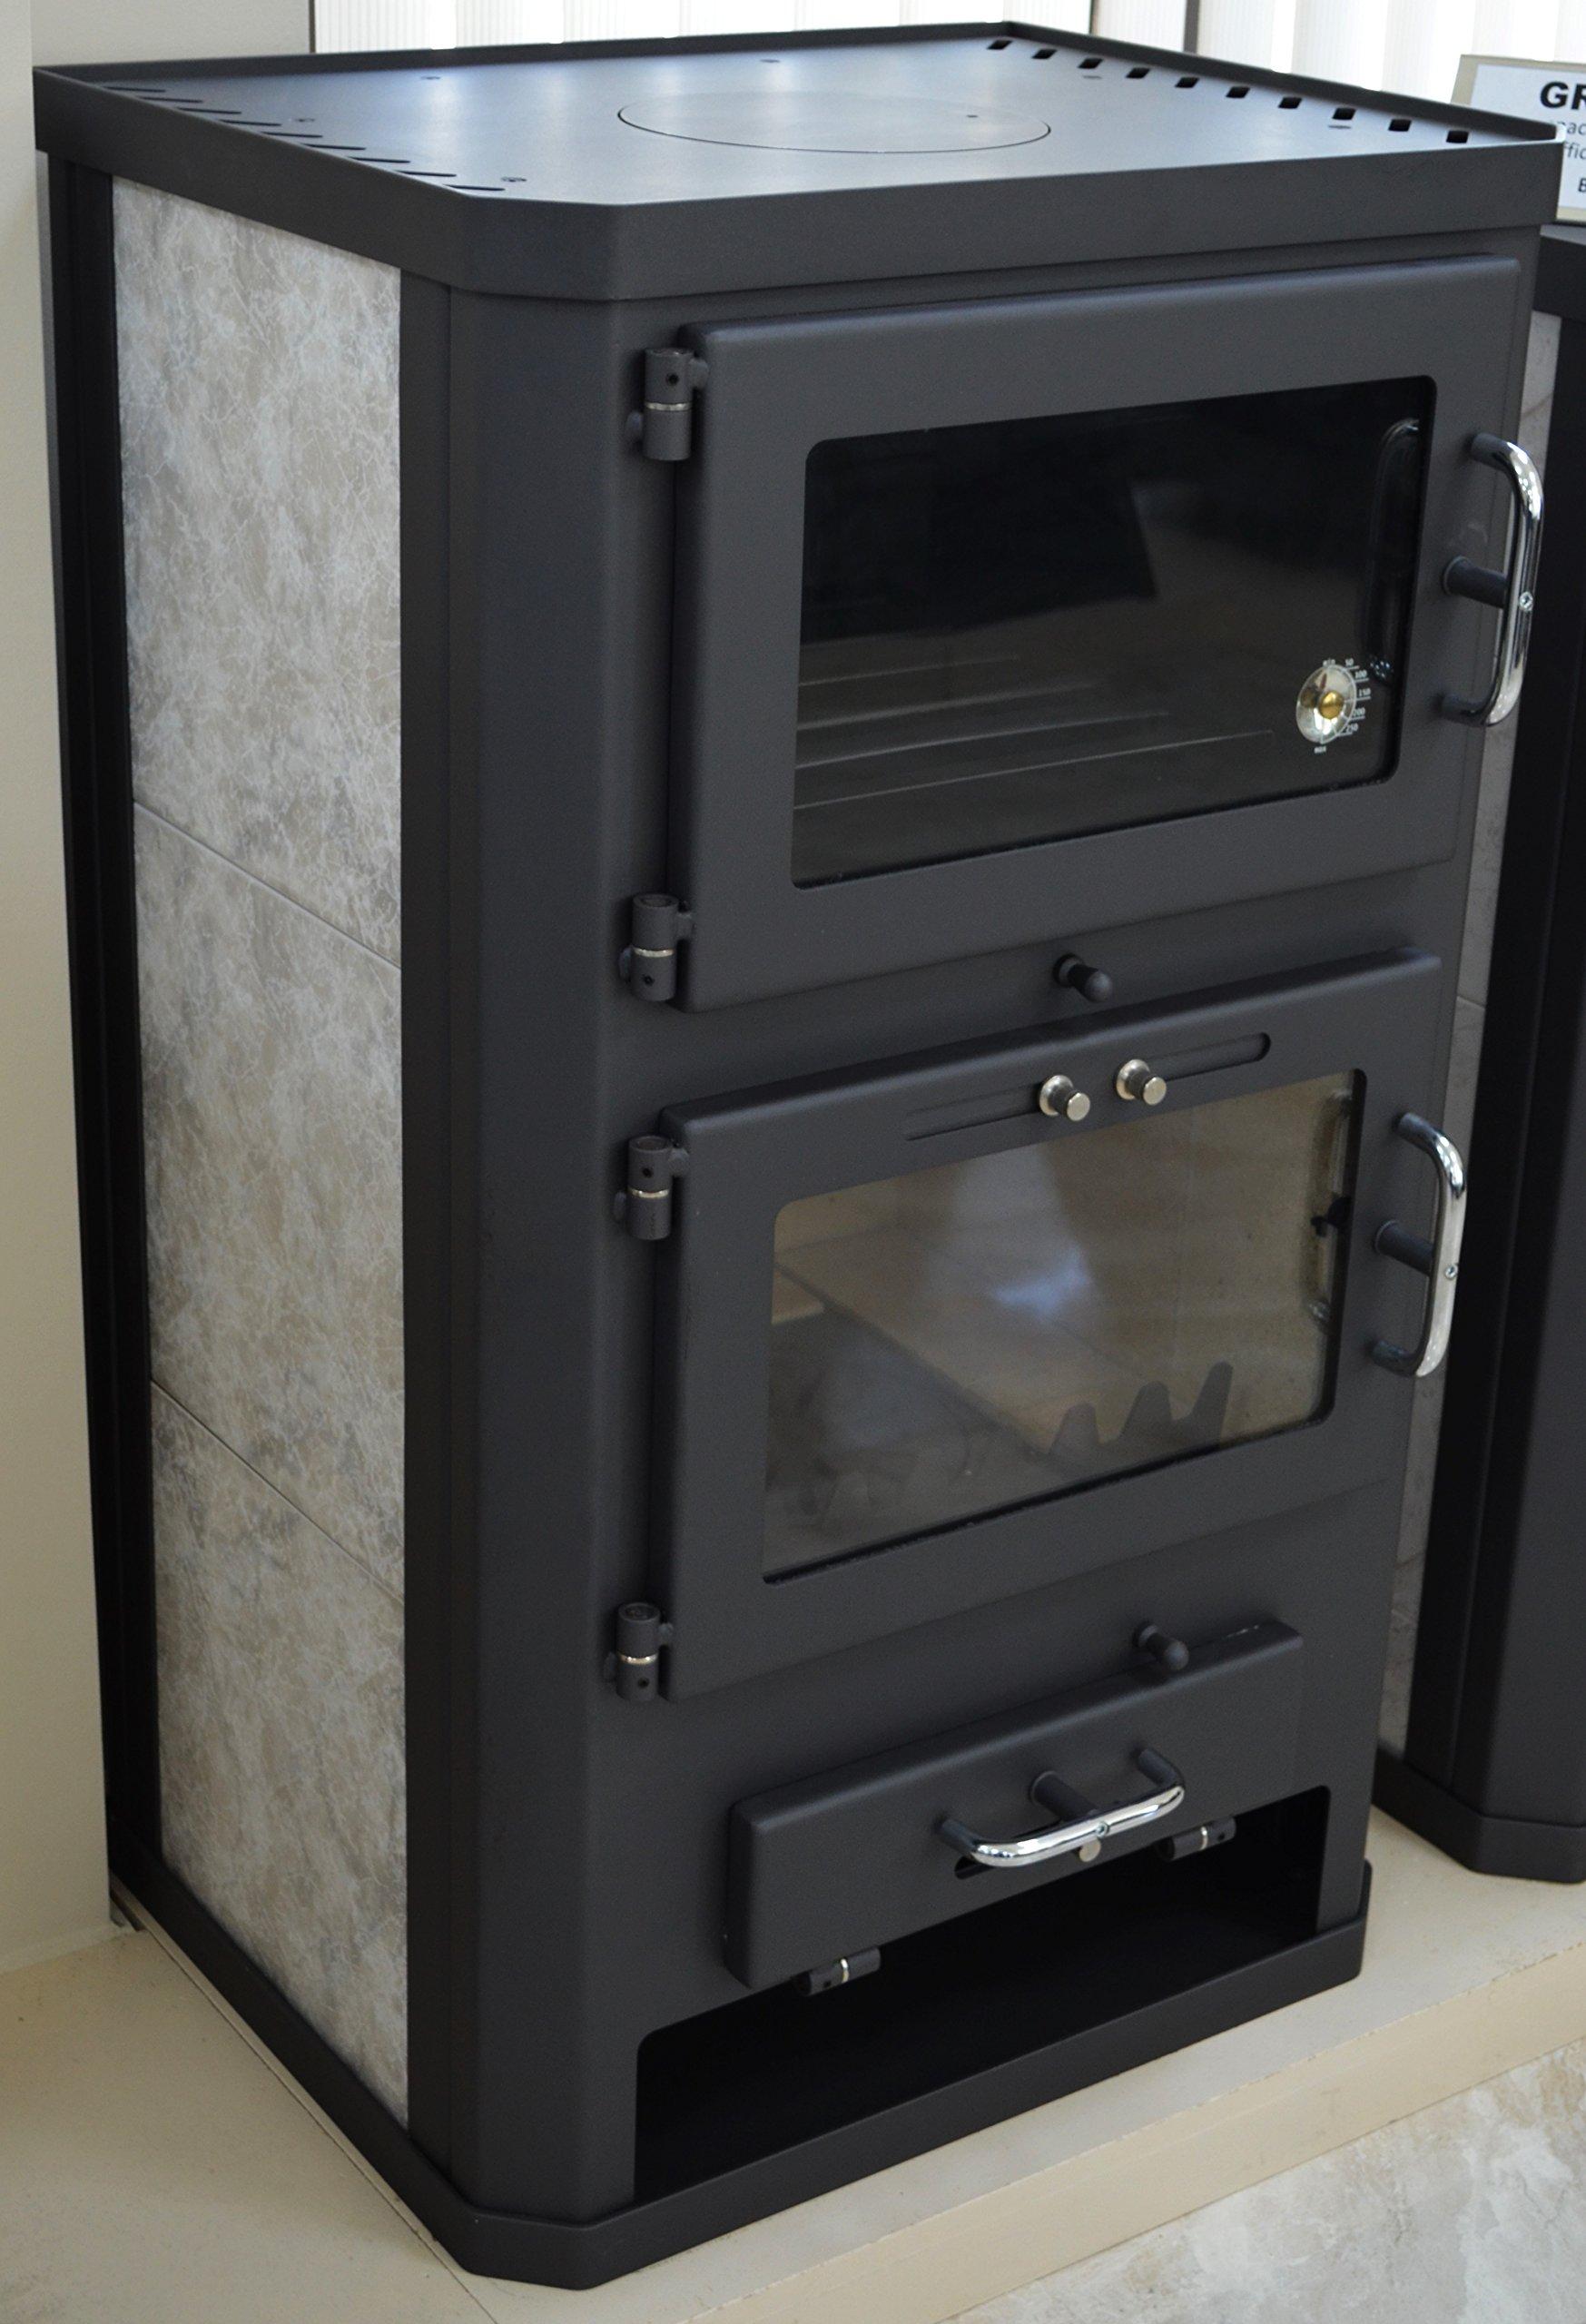 812nT3j9bVL - Estufa de leña para estufa, estufa, cocina, combustible, quemador de leña, 12/17 kW, BImSchV 2